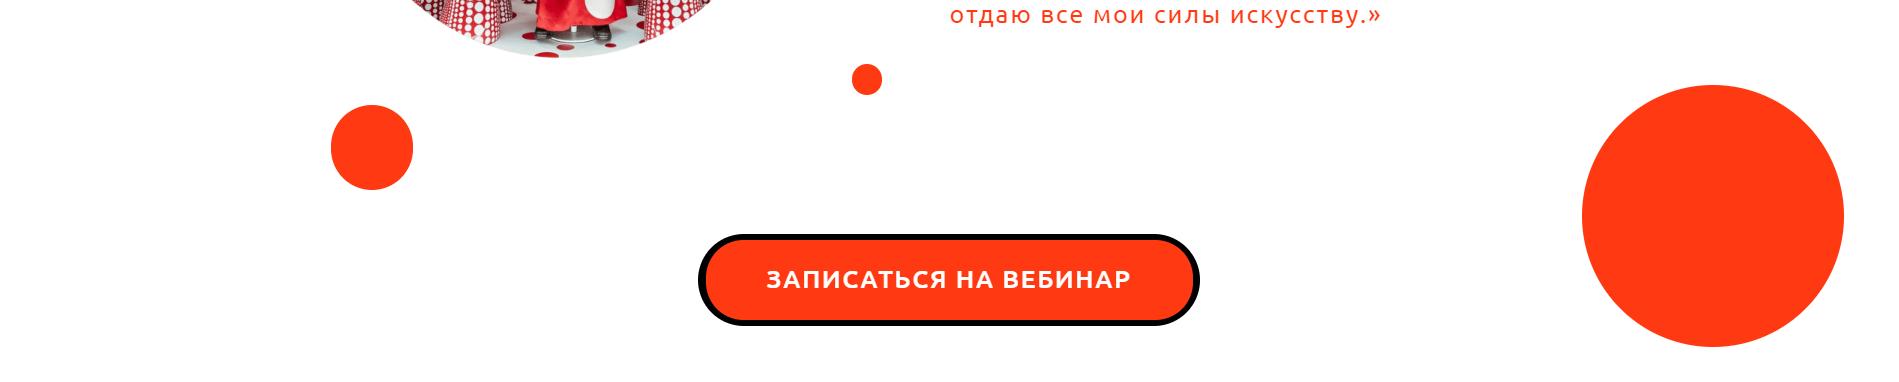 Ee3366c074